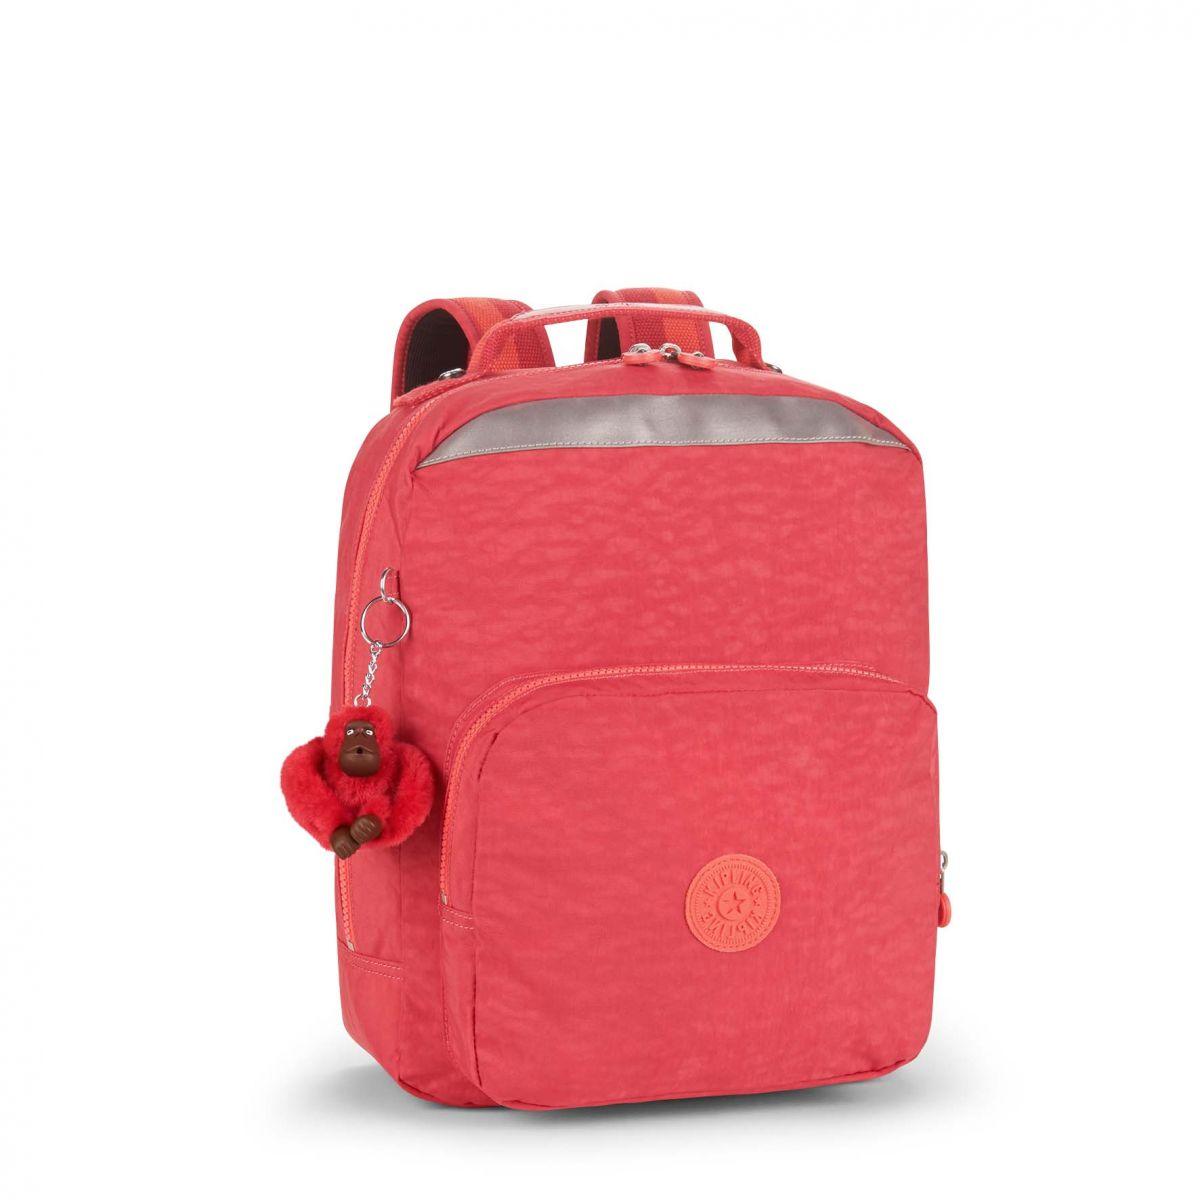 Ava Medium Backpack Kipling Int